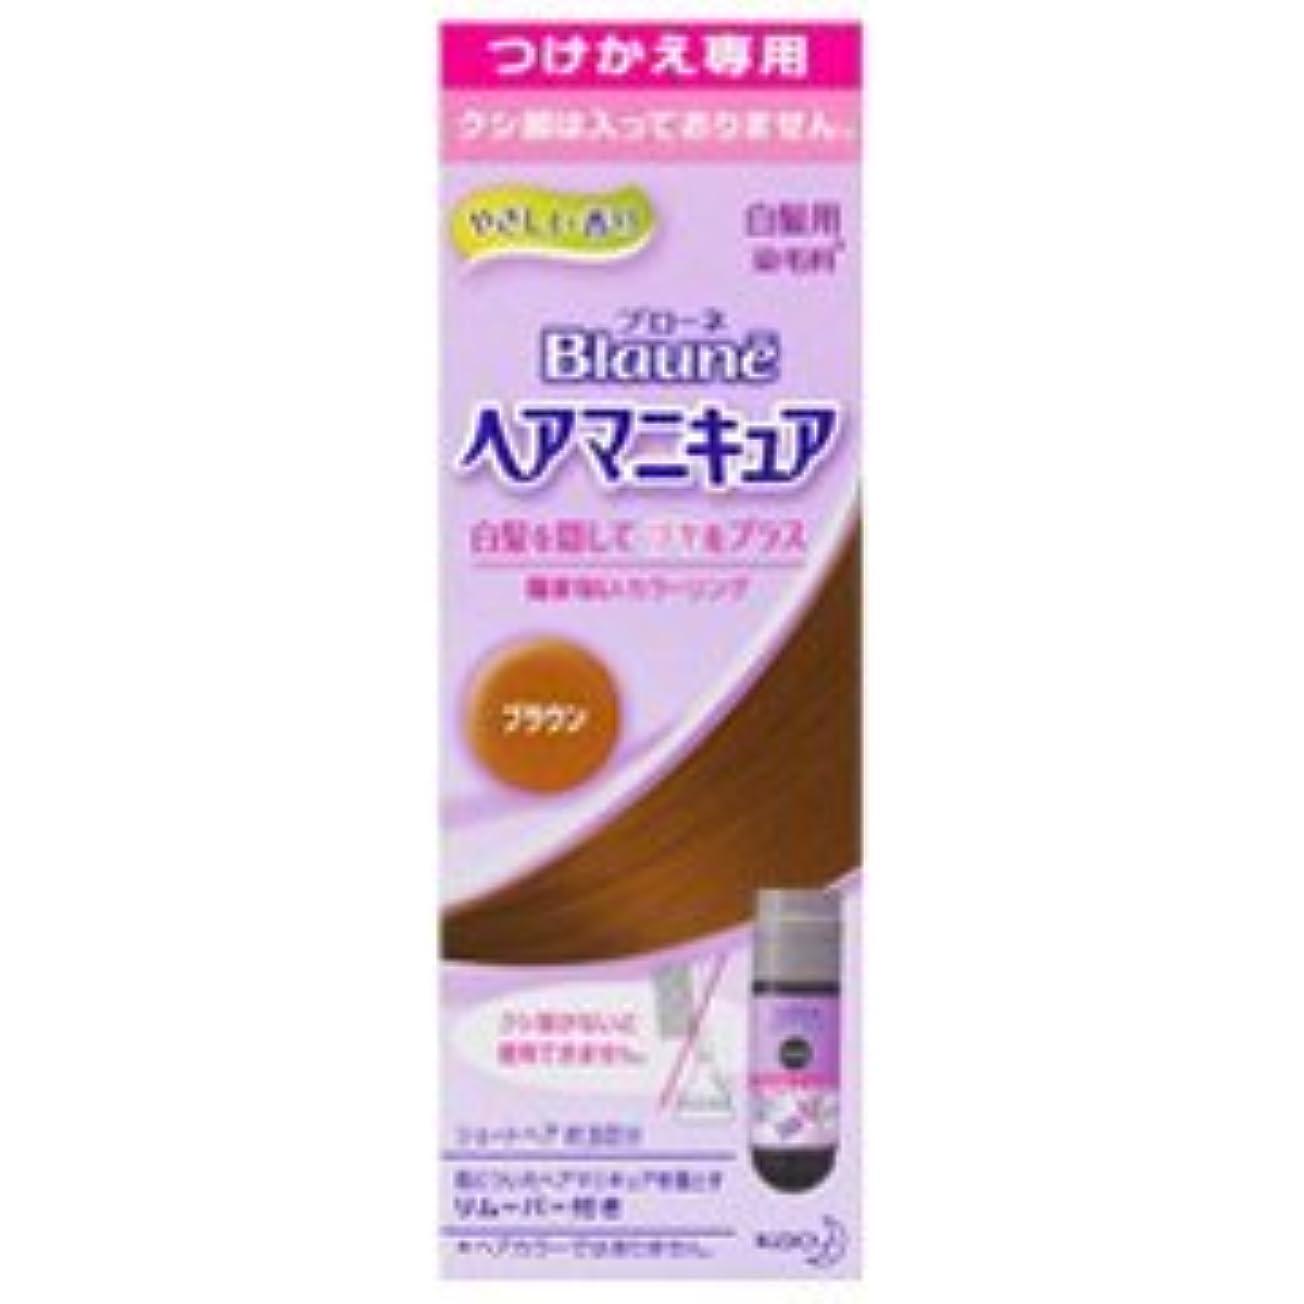 骨折眠りみがきます【花王】ブローネ ヘアマニキュア 白髪用つけかえ用ブラウン ×5個セット